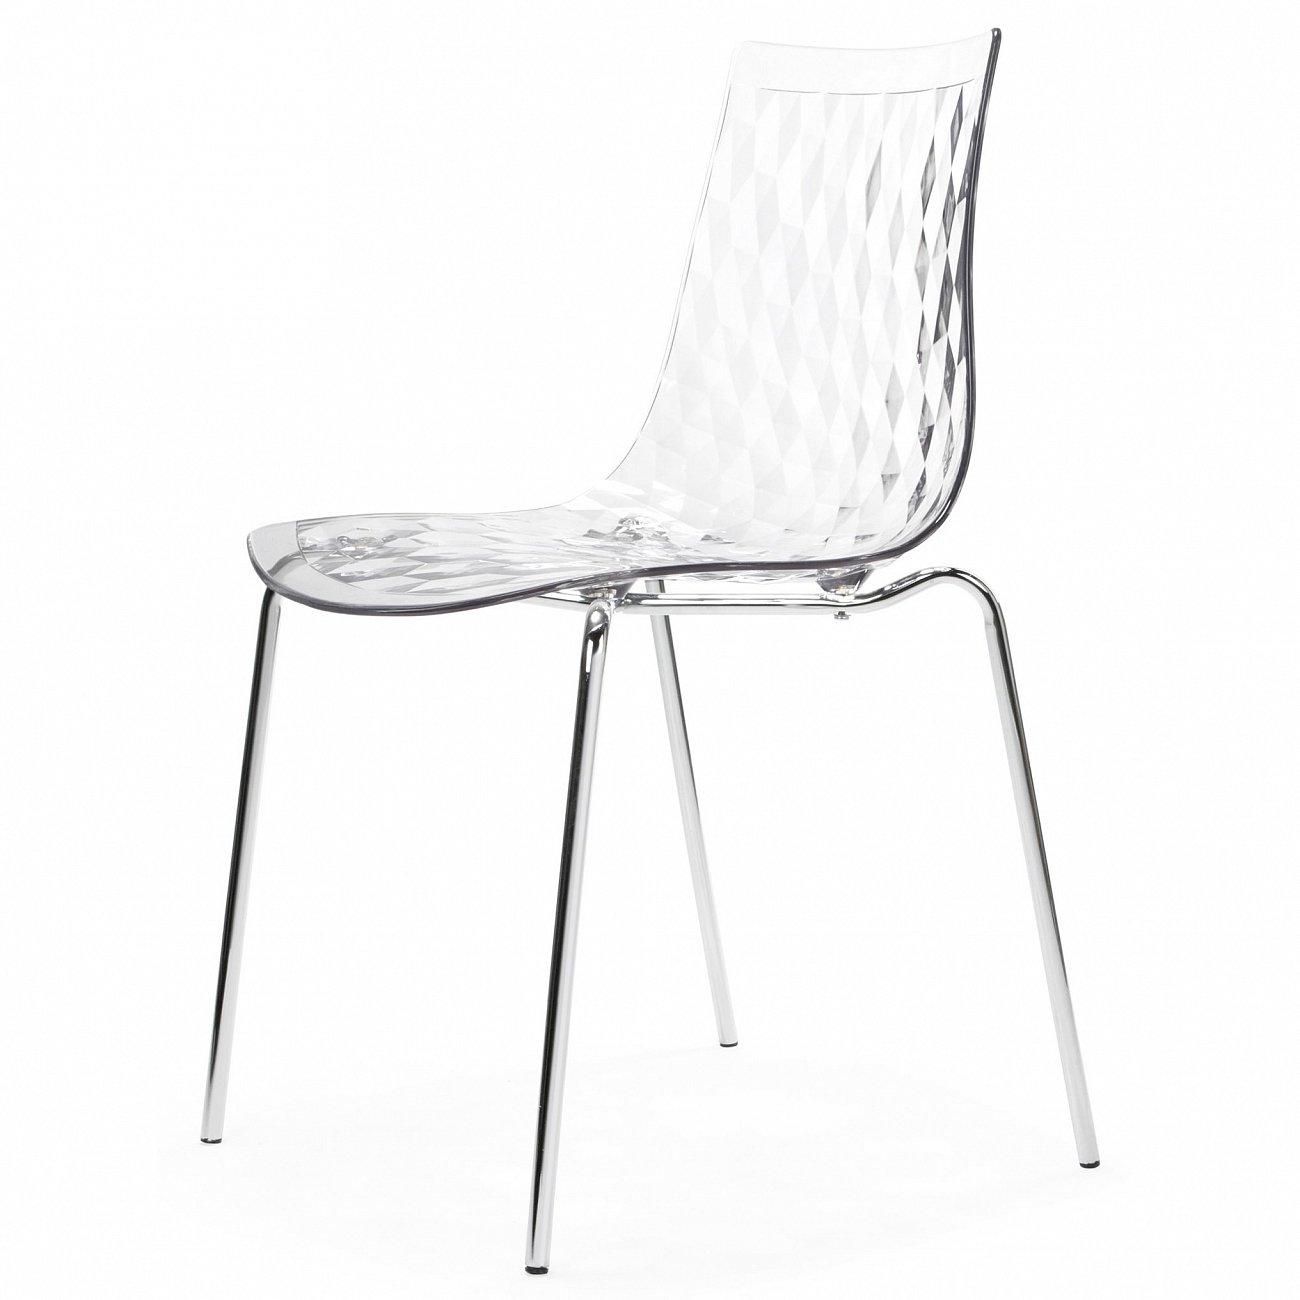 Купить Стул Gauzy Прозрачный в интернет магазине дизайнерской мебели и аксессуаров для дома и дачи